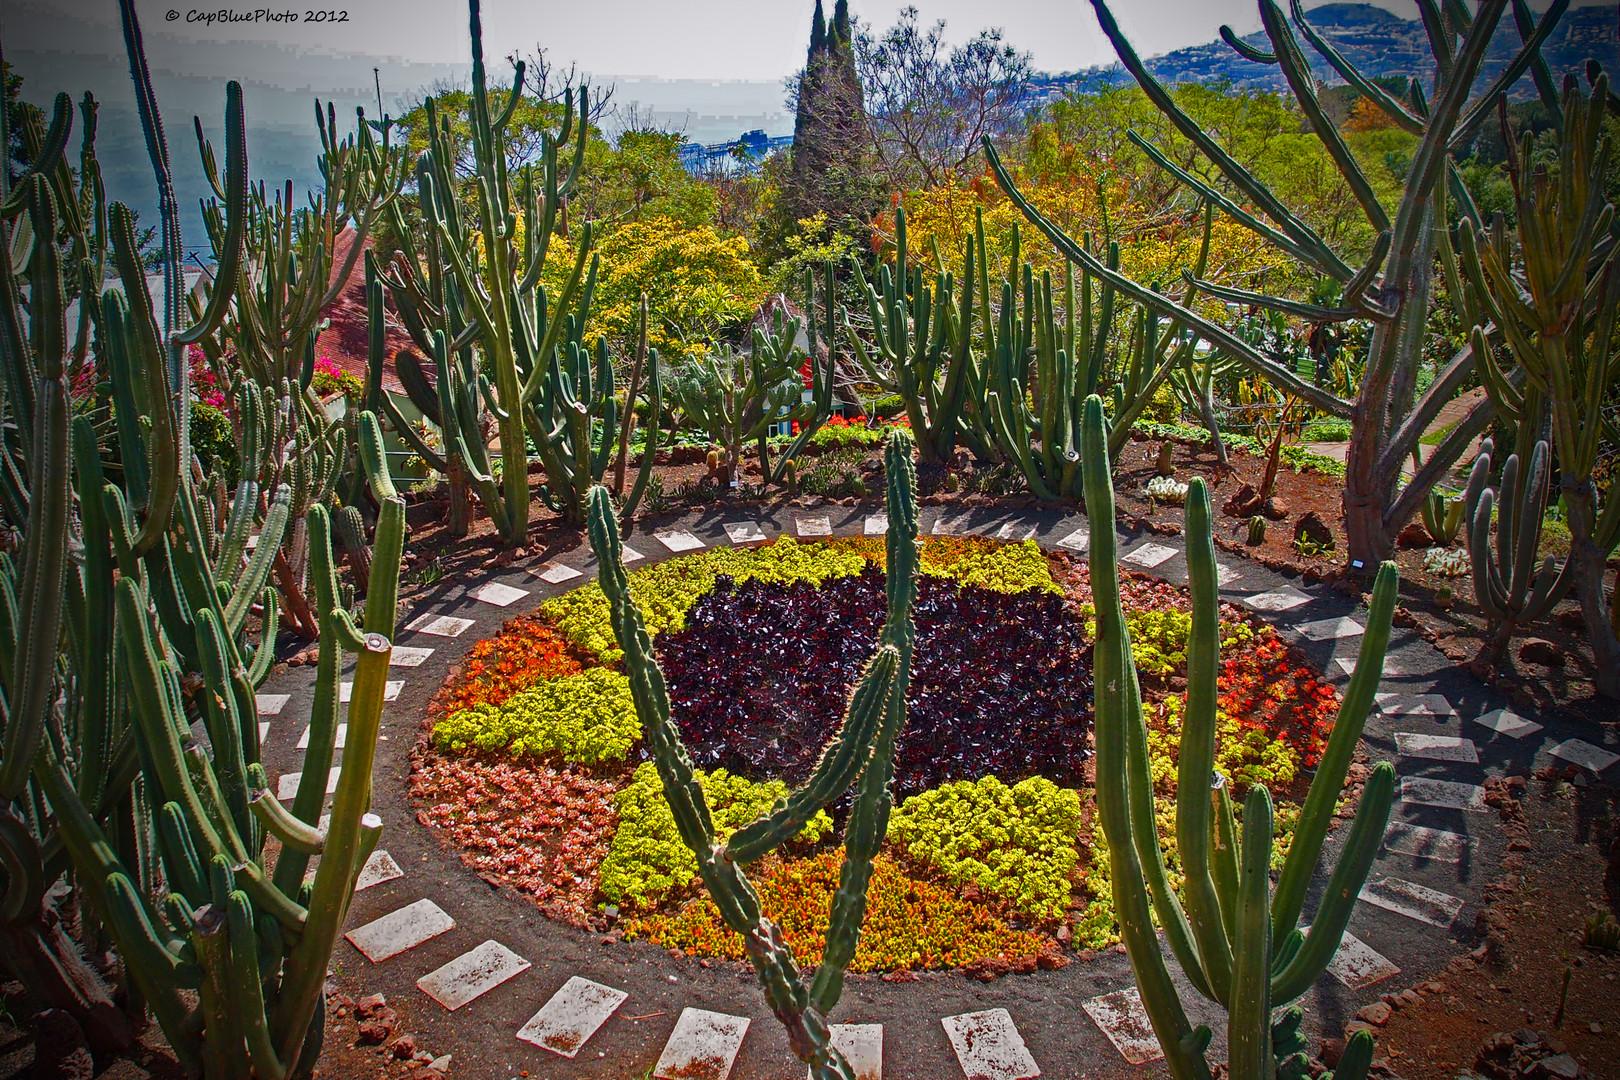 Kakteen Im Botanischen Garten In Funchal Madeira Foto Bild